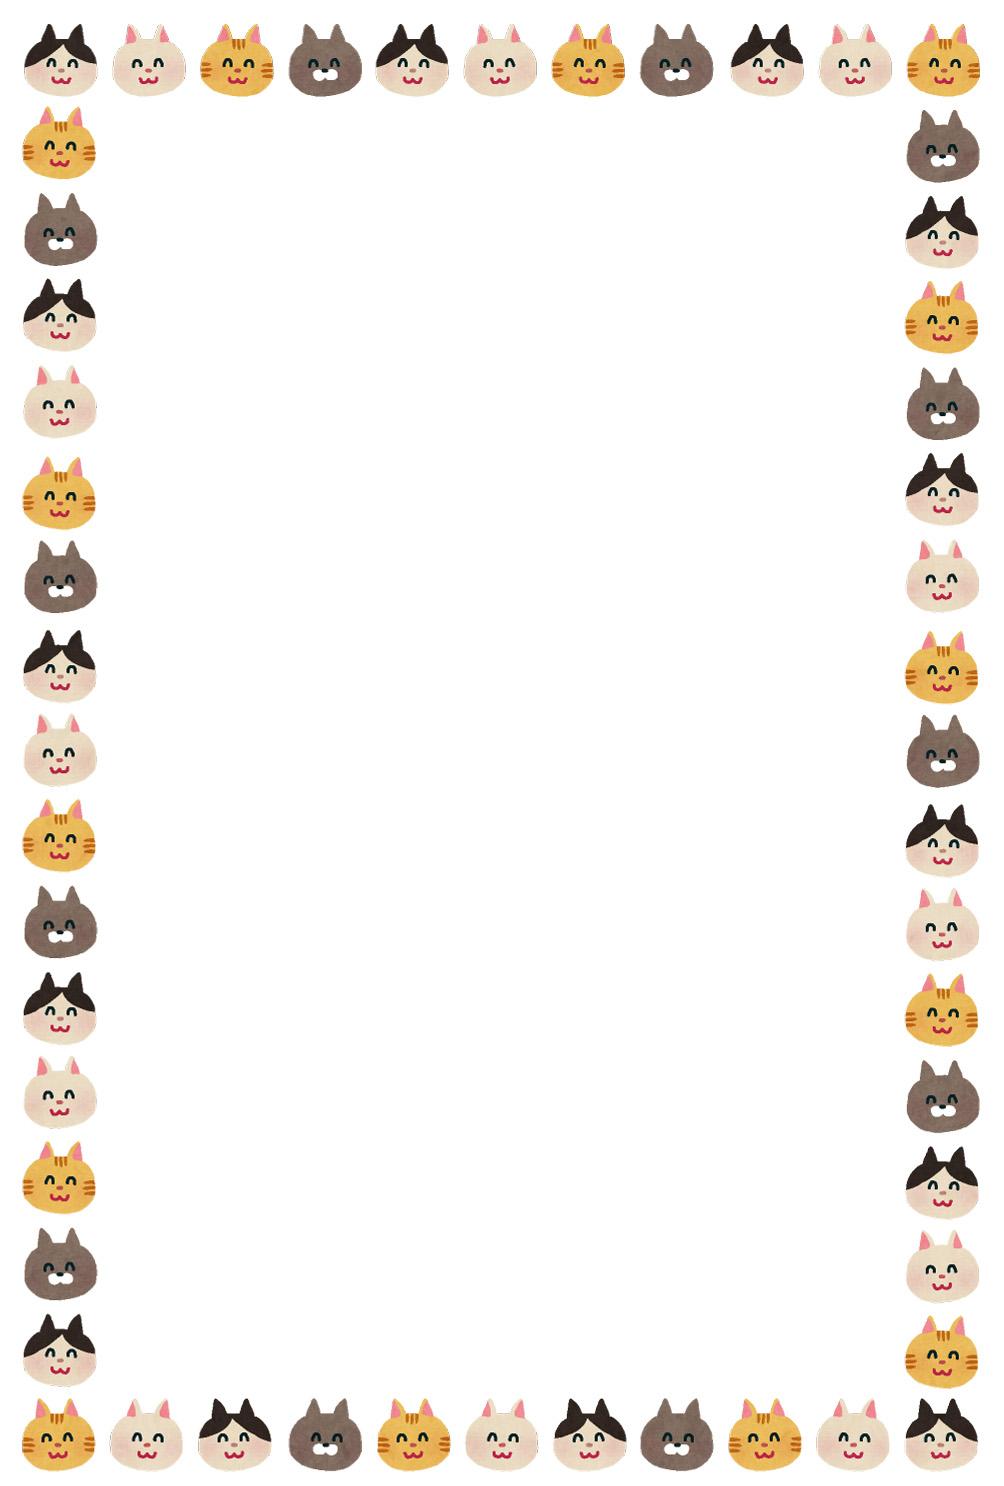 猫のイラストフレーム(枠) | かわいいフリー素材集 いらすとや